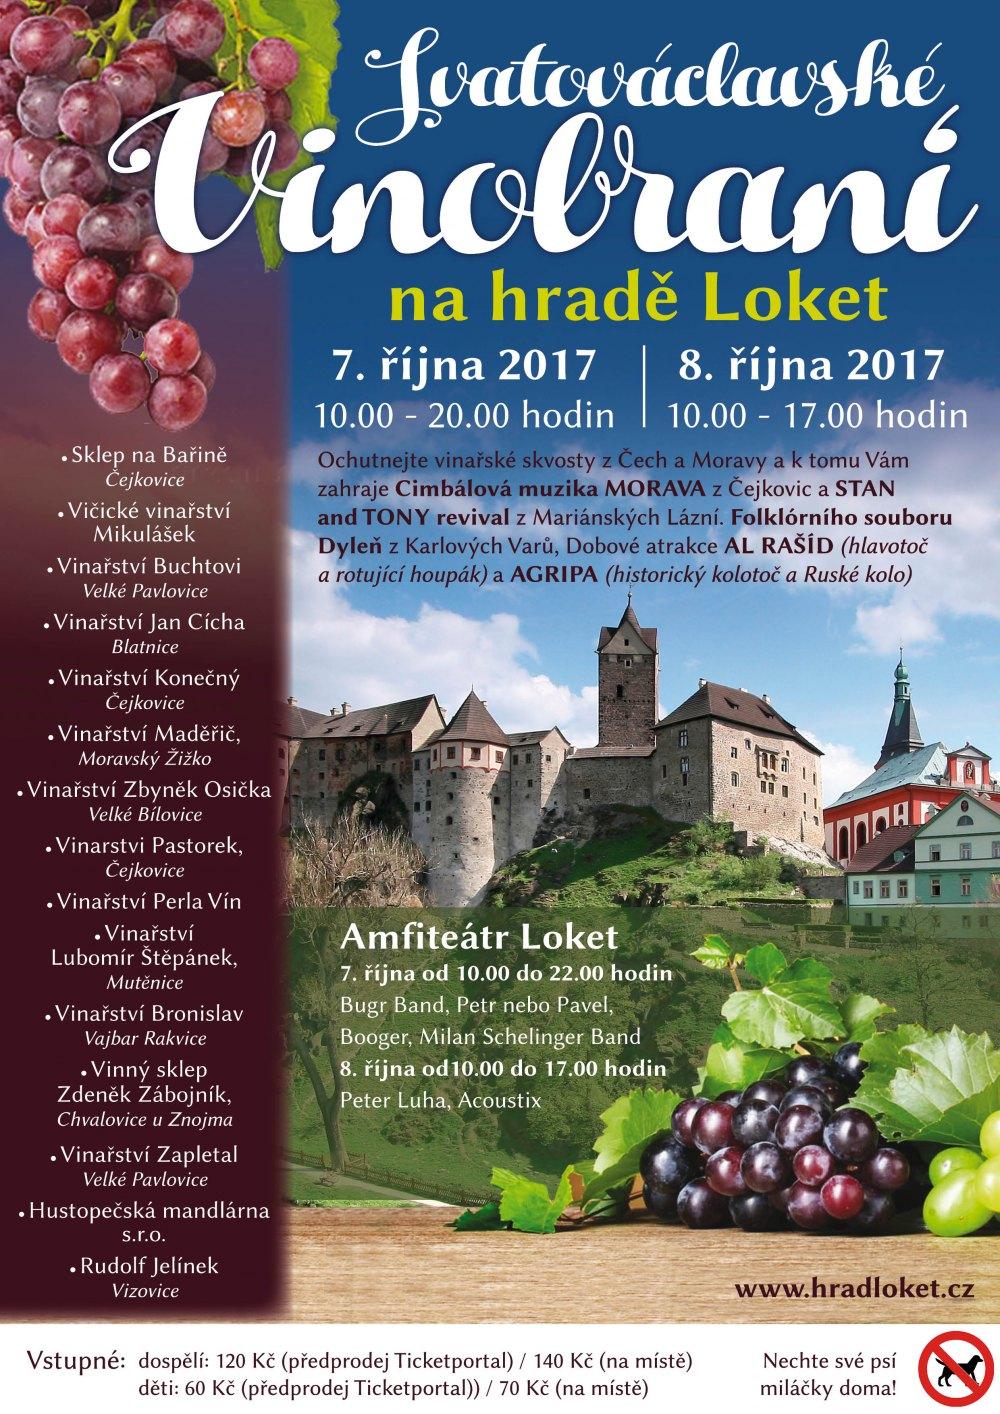 Vinobraní na hradě Loket